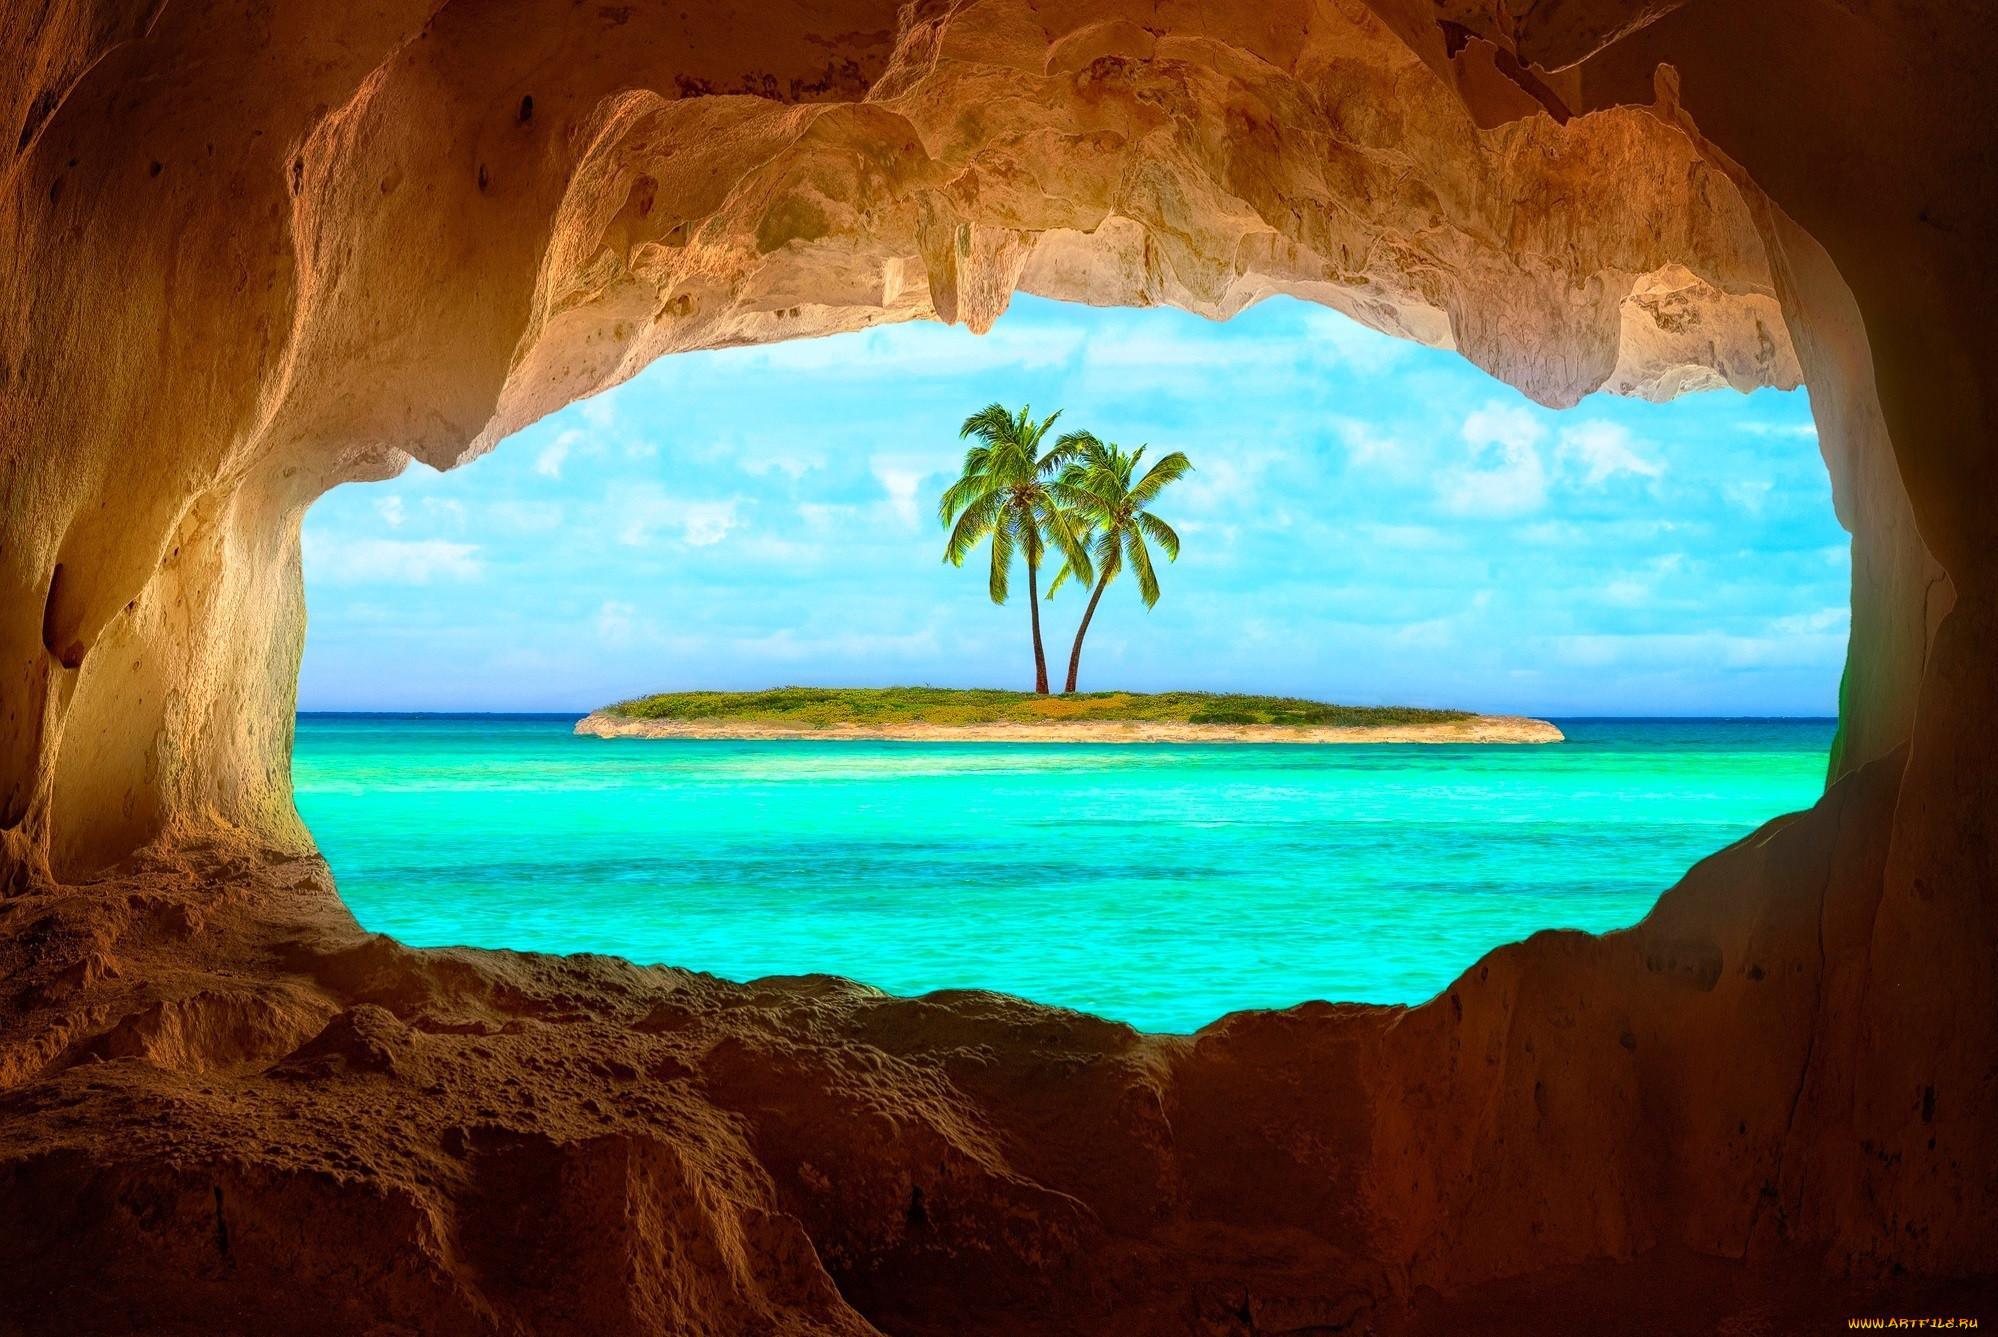 острова картинки на тему место